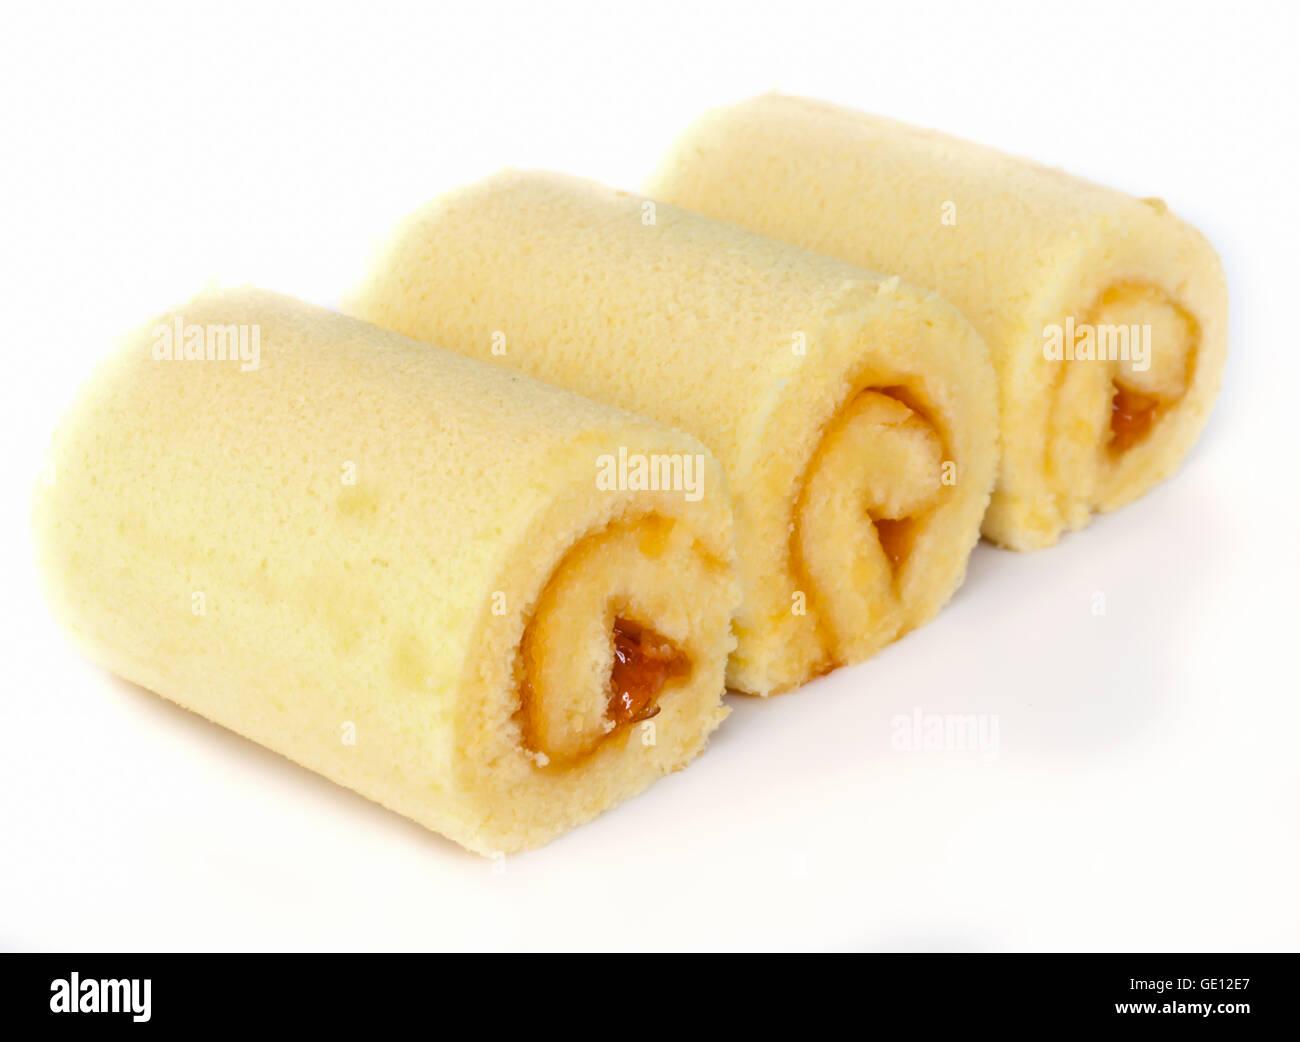 Sweet roll cake with orange jam isolated on white - Stock Image